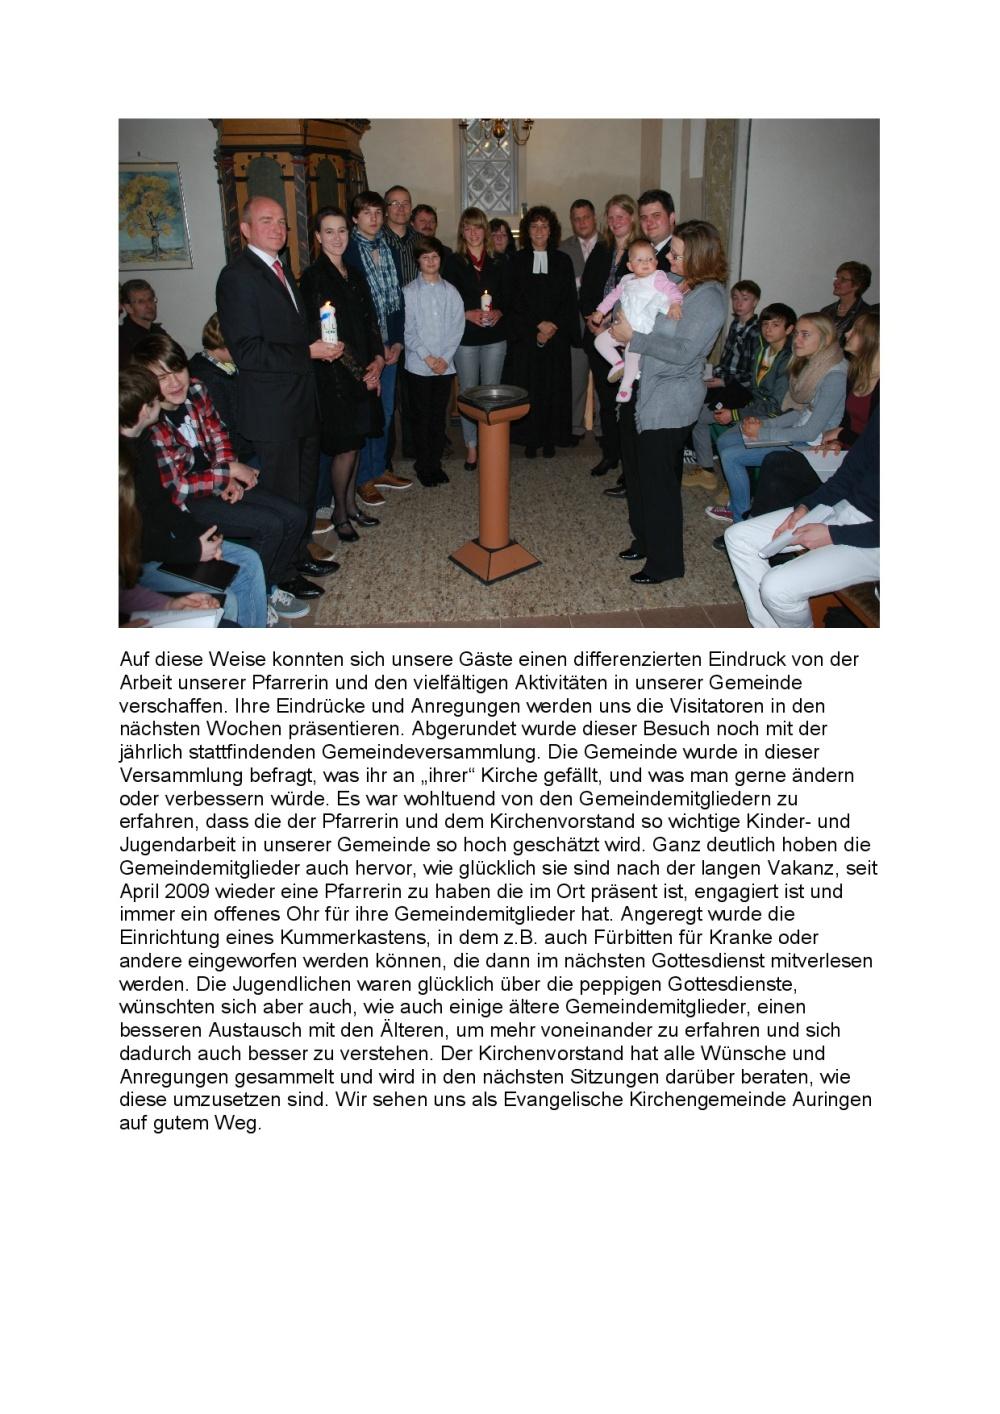 13-Tauf-Godi-Gemeindeversammlung 18.03.12-002